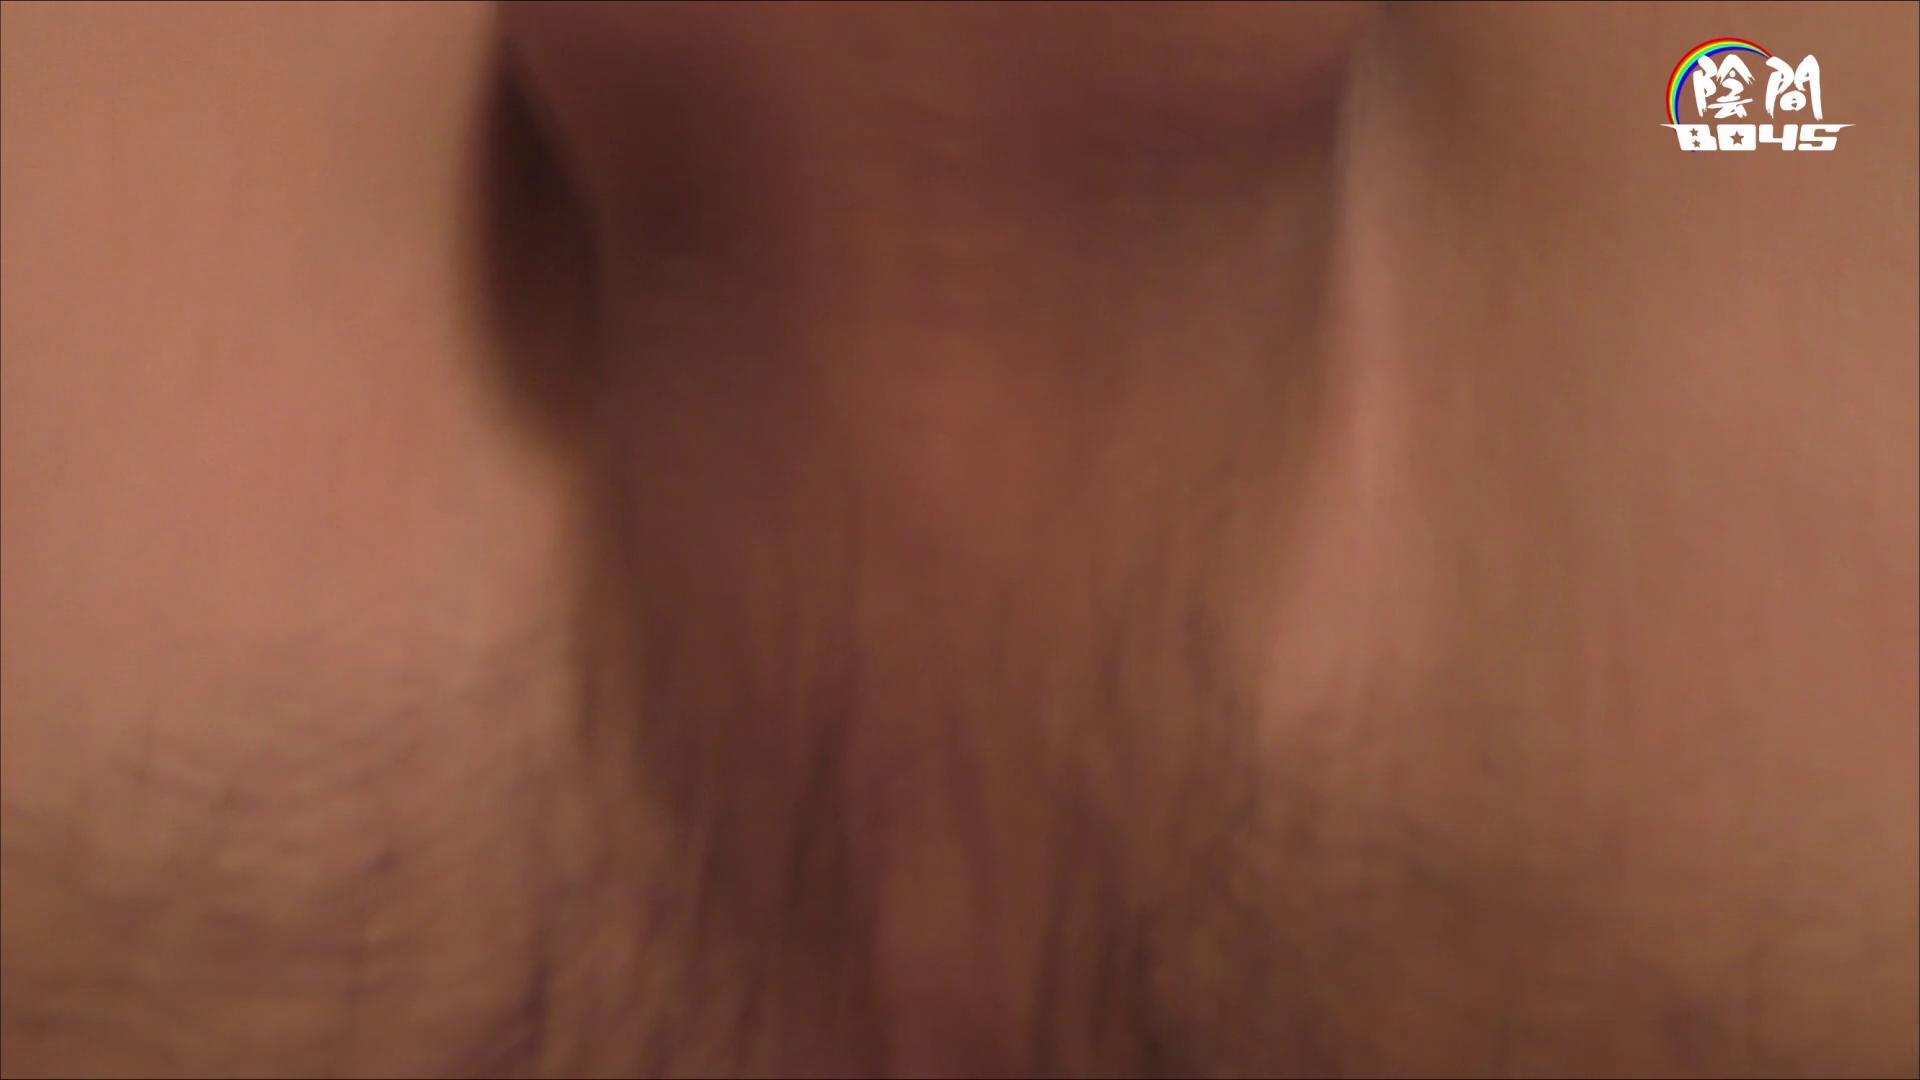 「君のアナルは」part2 ~ノンケの素顔~ Vol.06 ノンケ  65pic 14